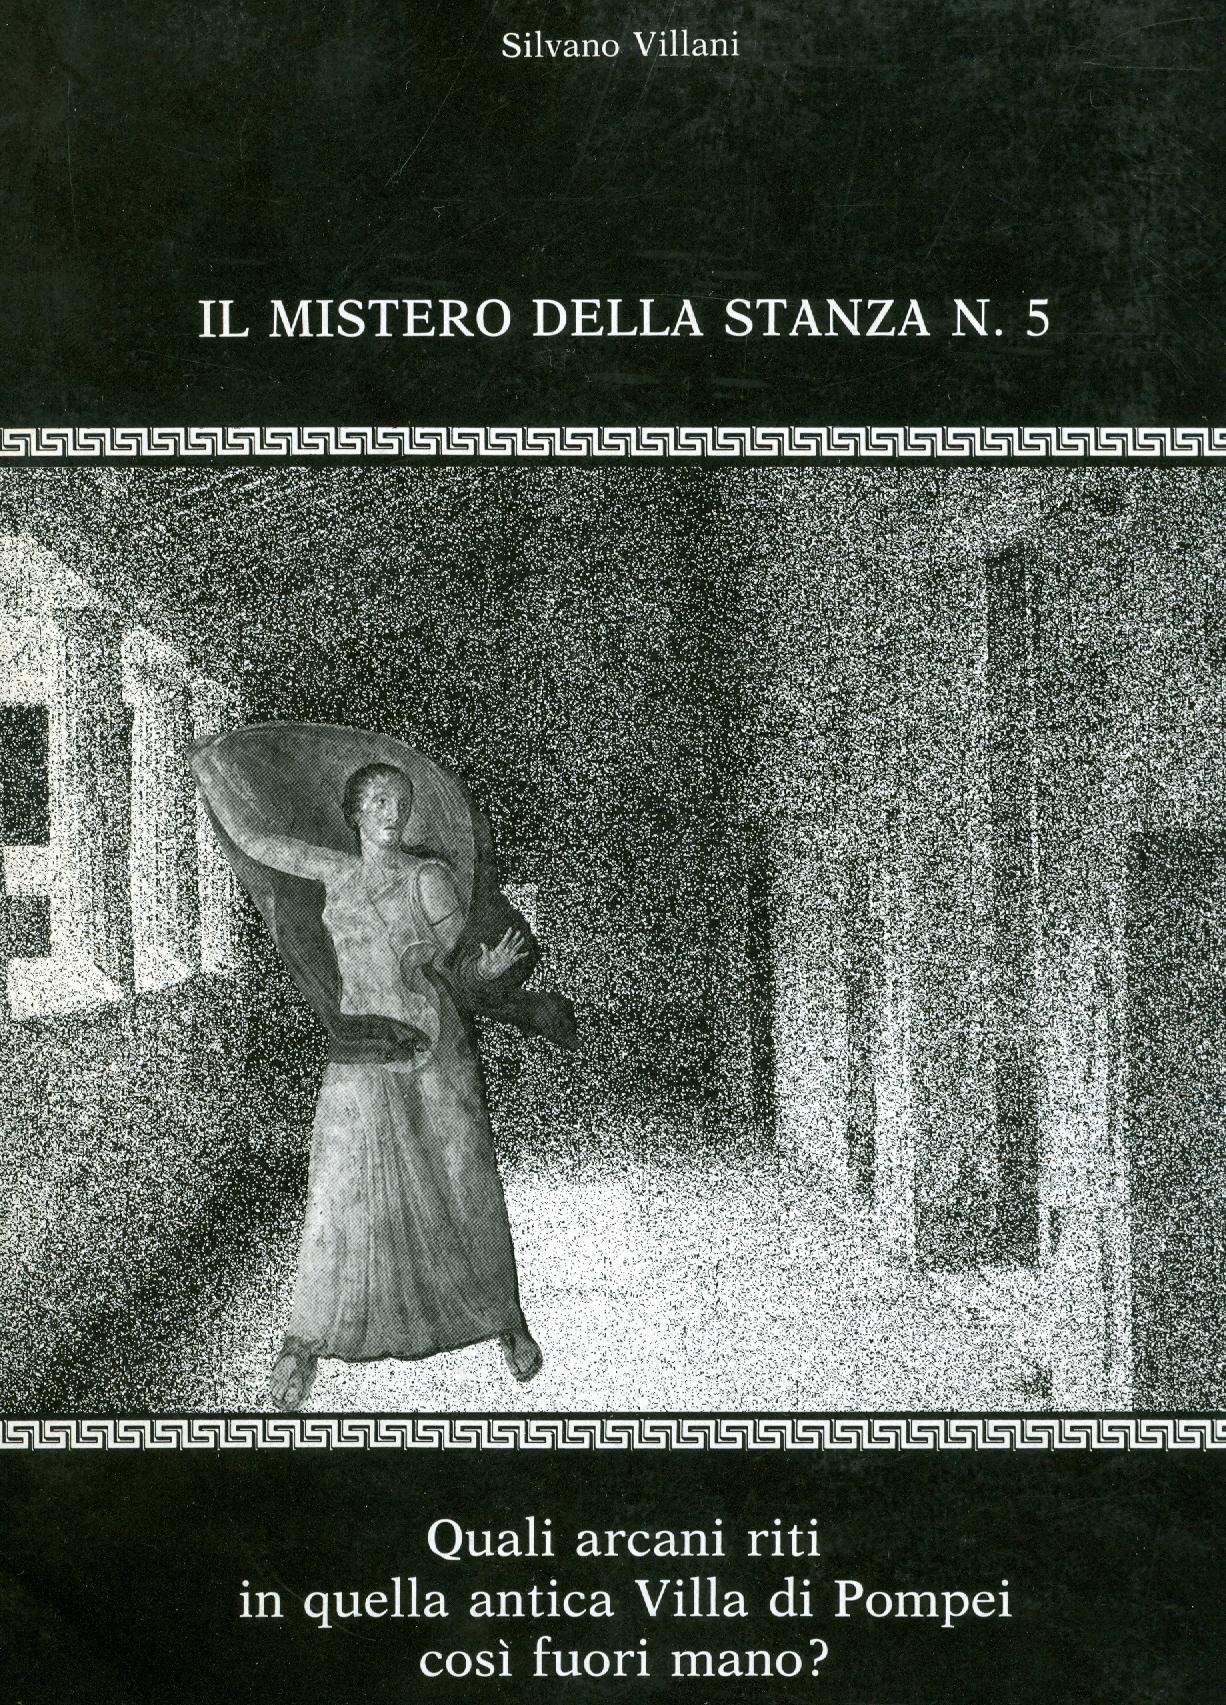 Il mistero della stanza n. 5